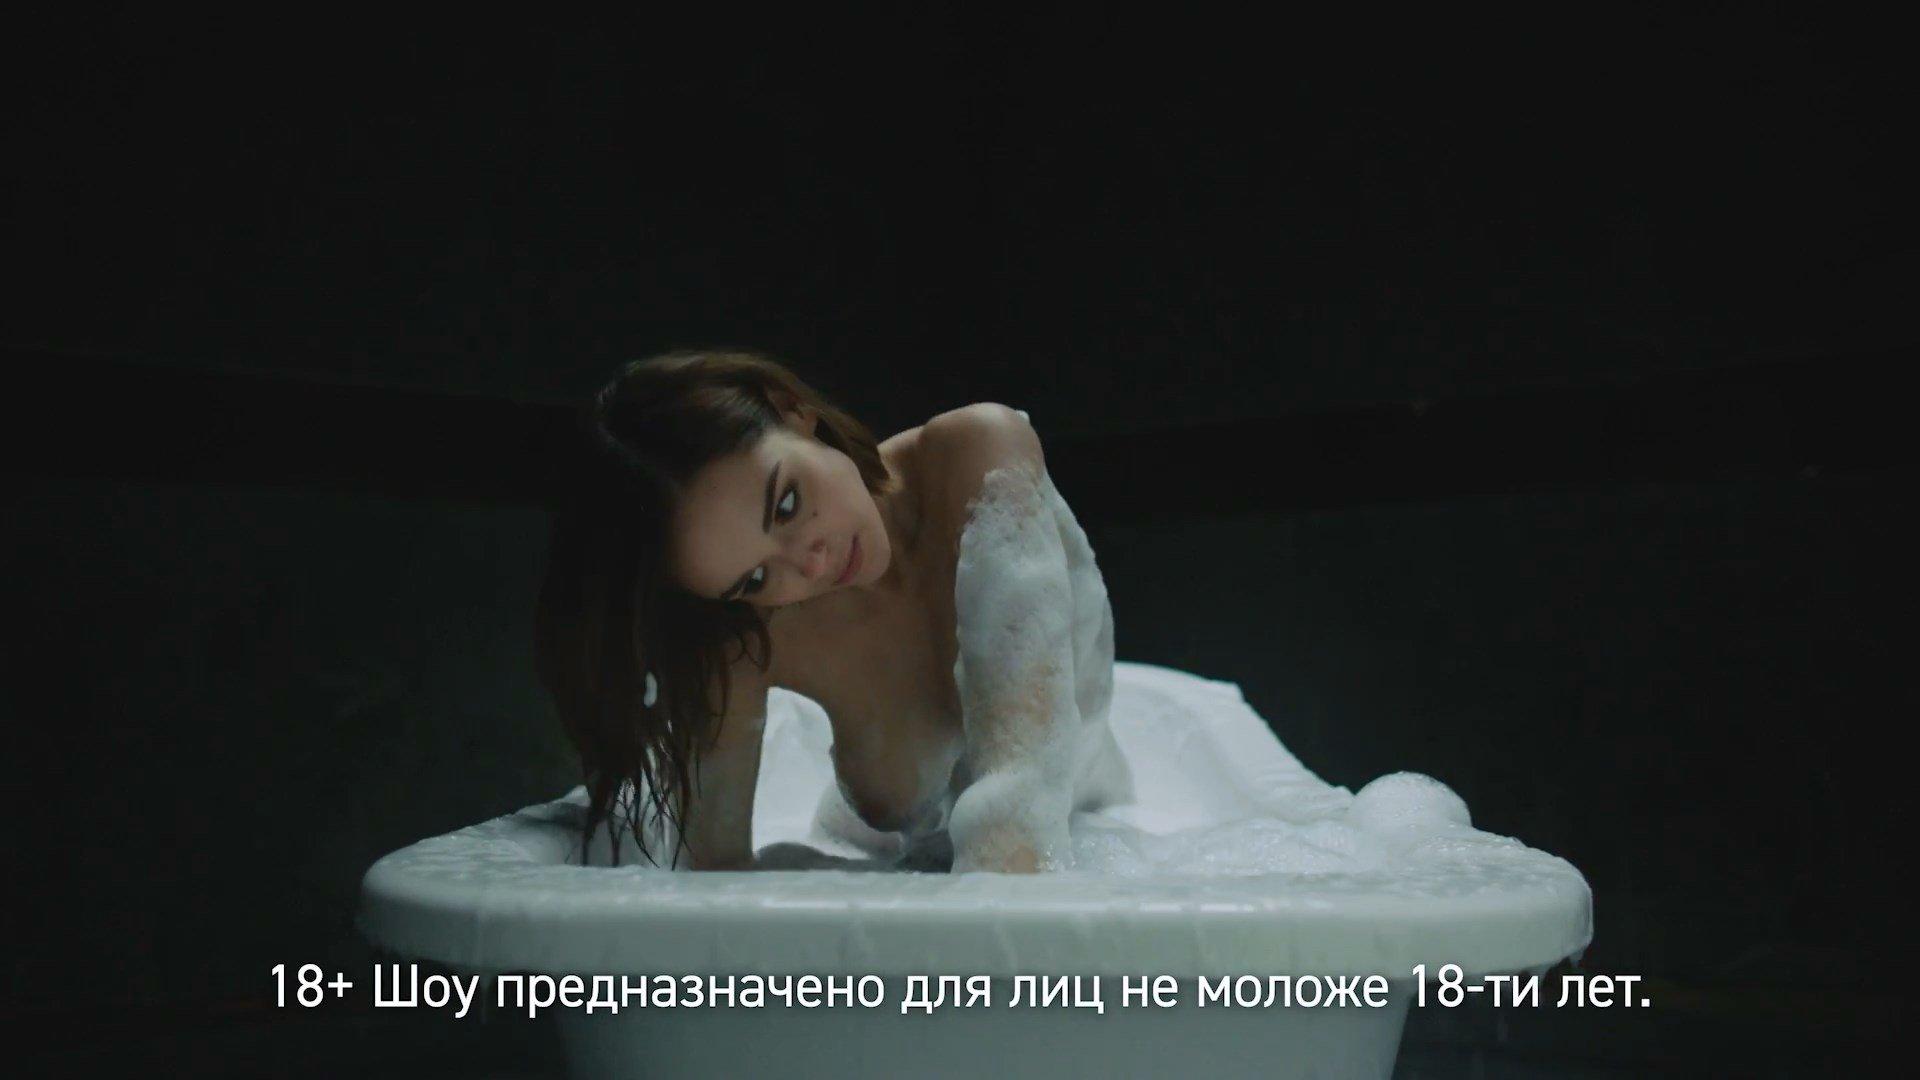 Porno Sofia Sinitsyna nudes (54 photos), Sexy, Cleavage, Boobs, lingerie 2006